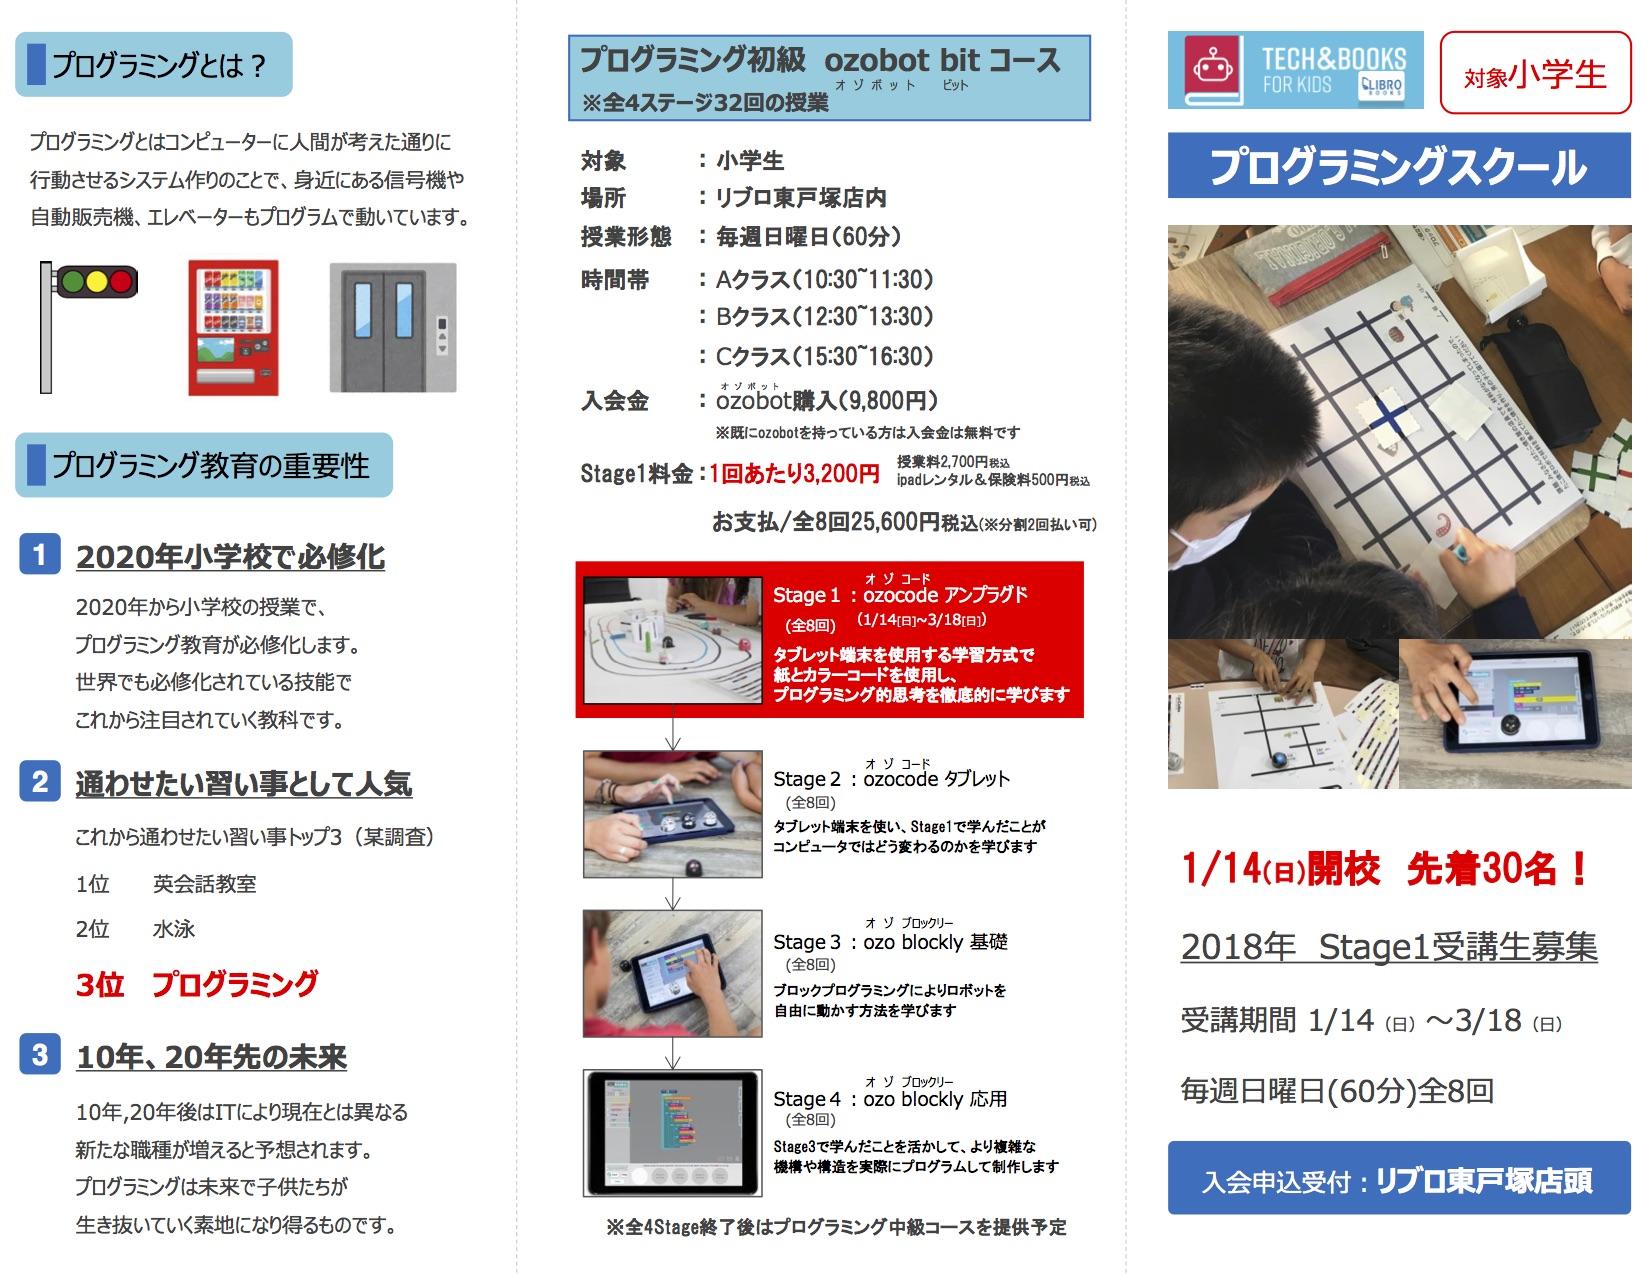 【C】Tech&Books for Kidsパンフレットv1.1.jpg